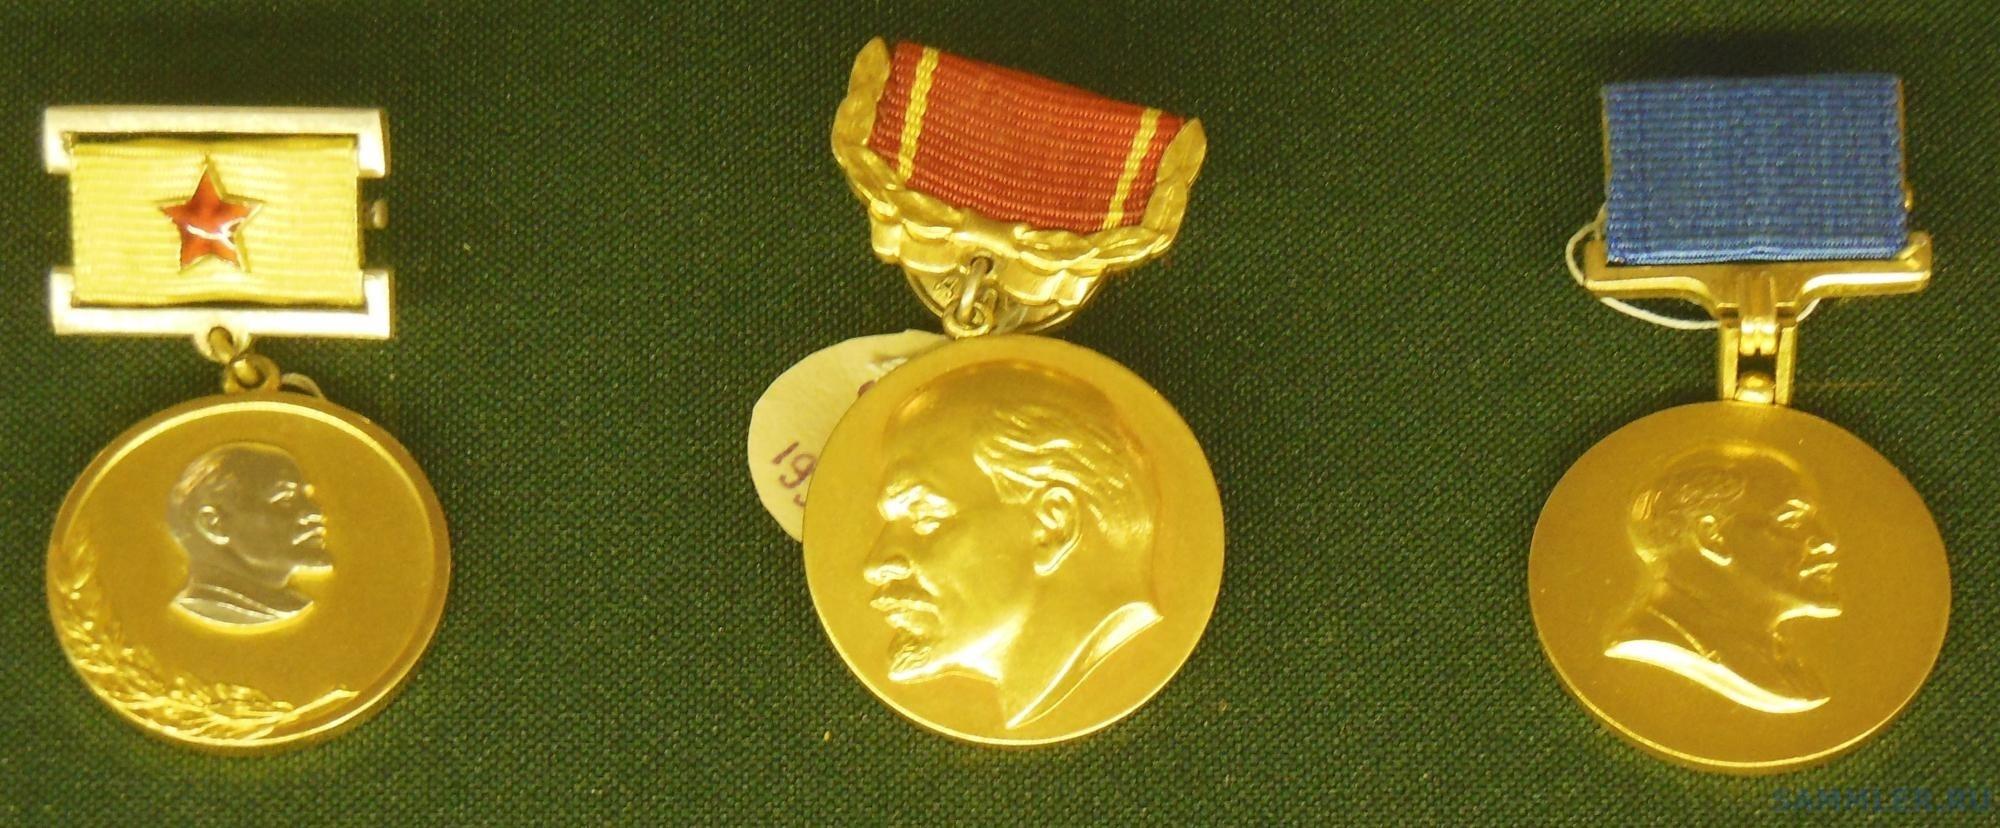 Проекты знаков Ленинской премии.JPG